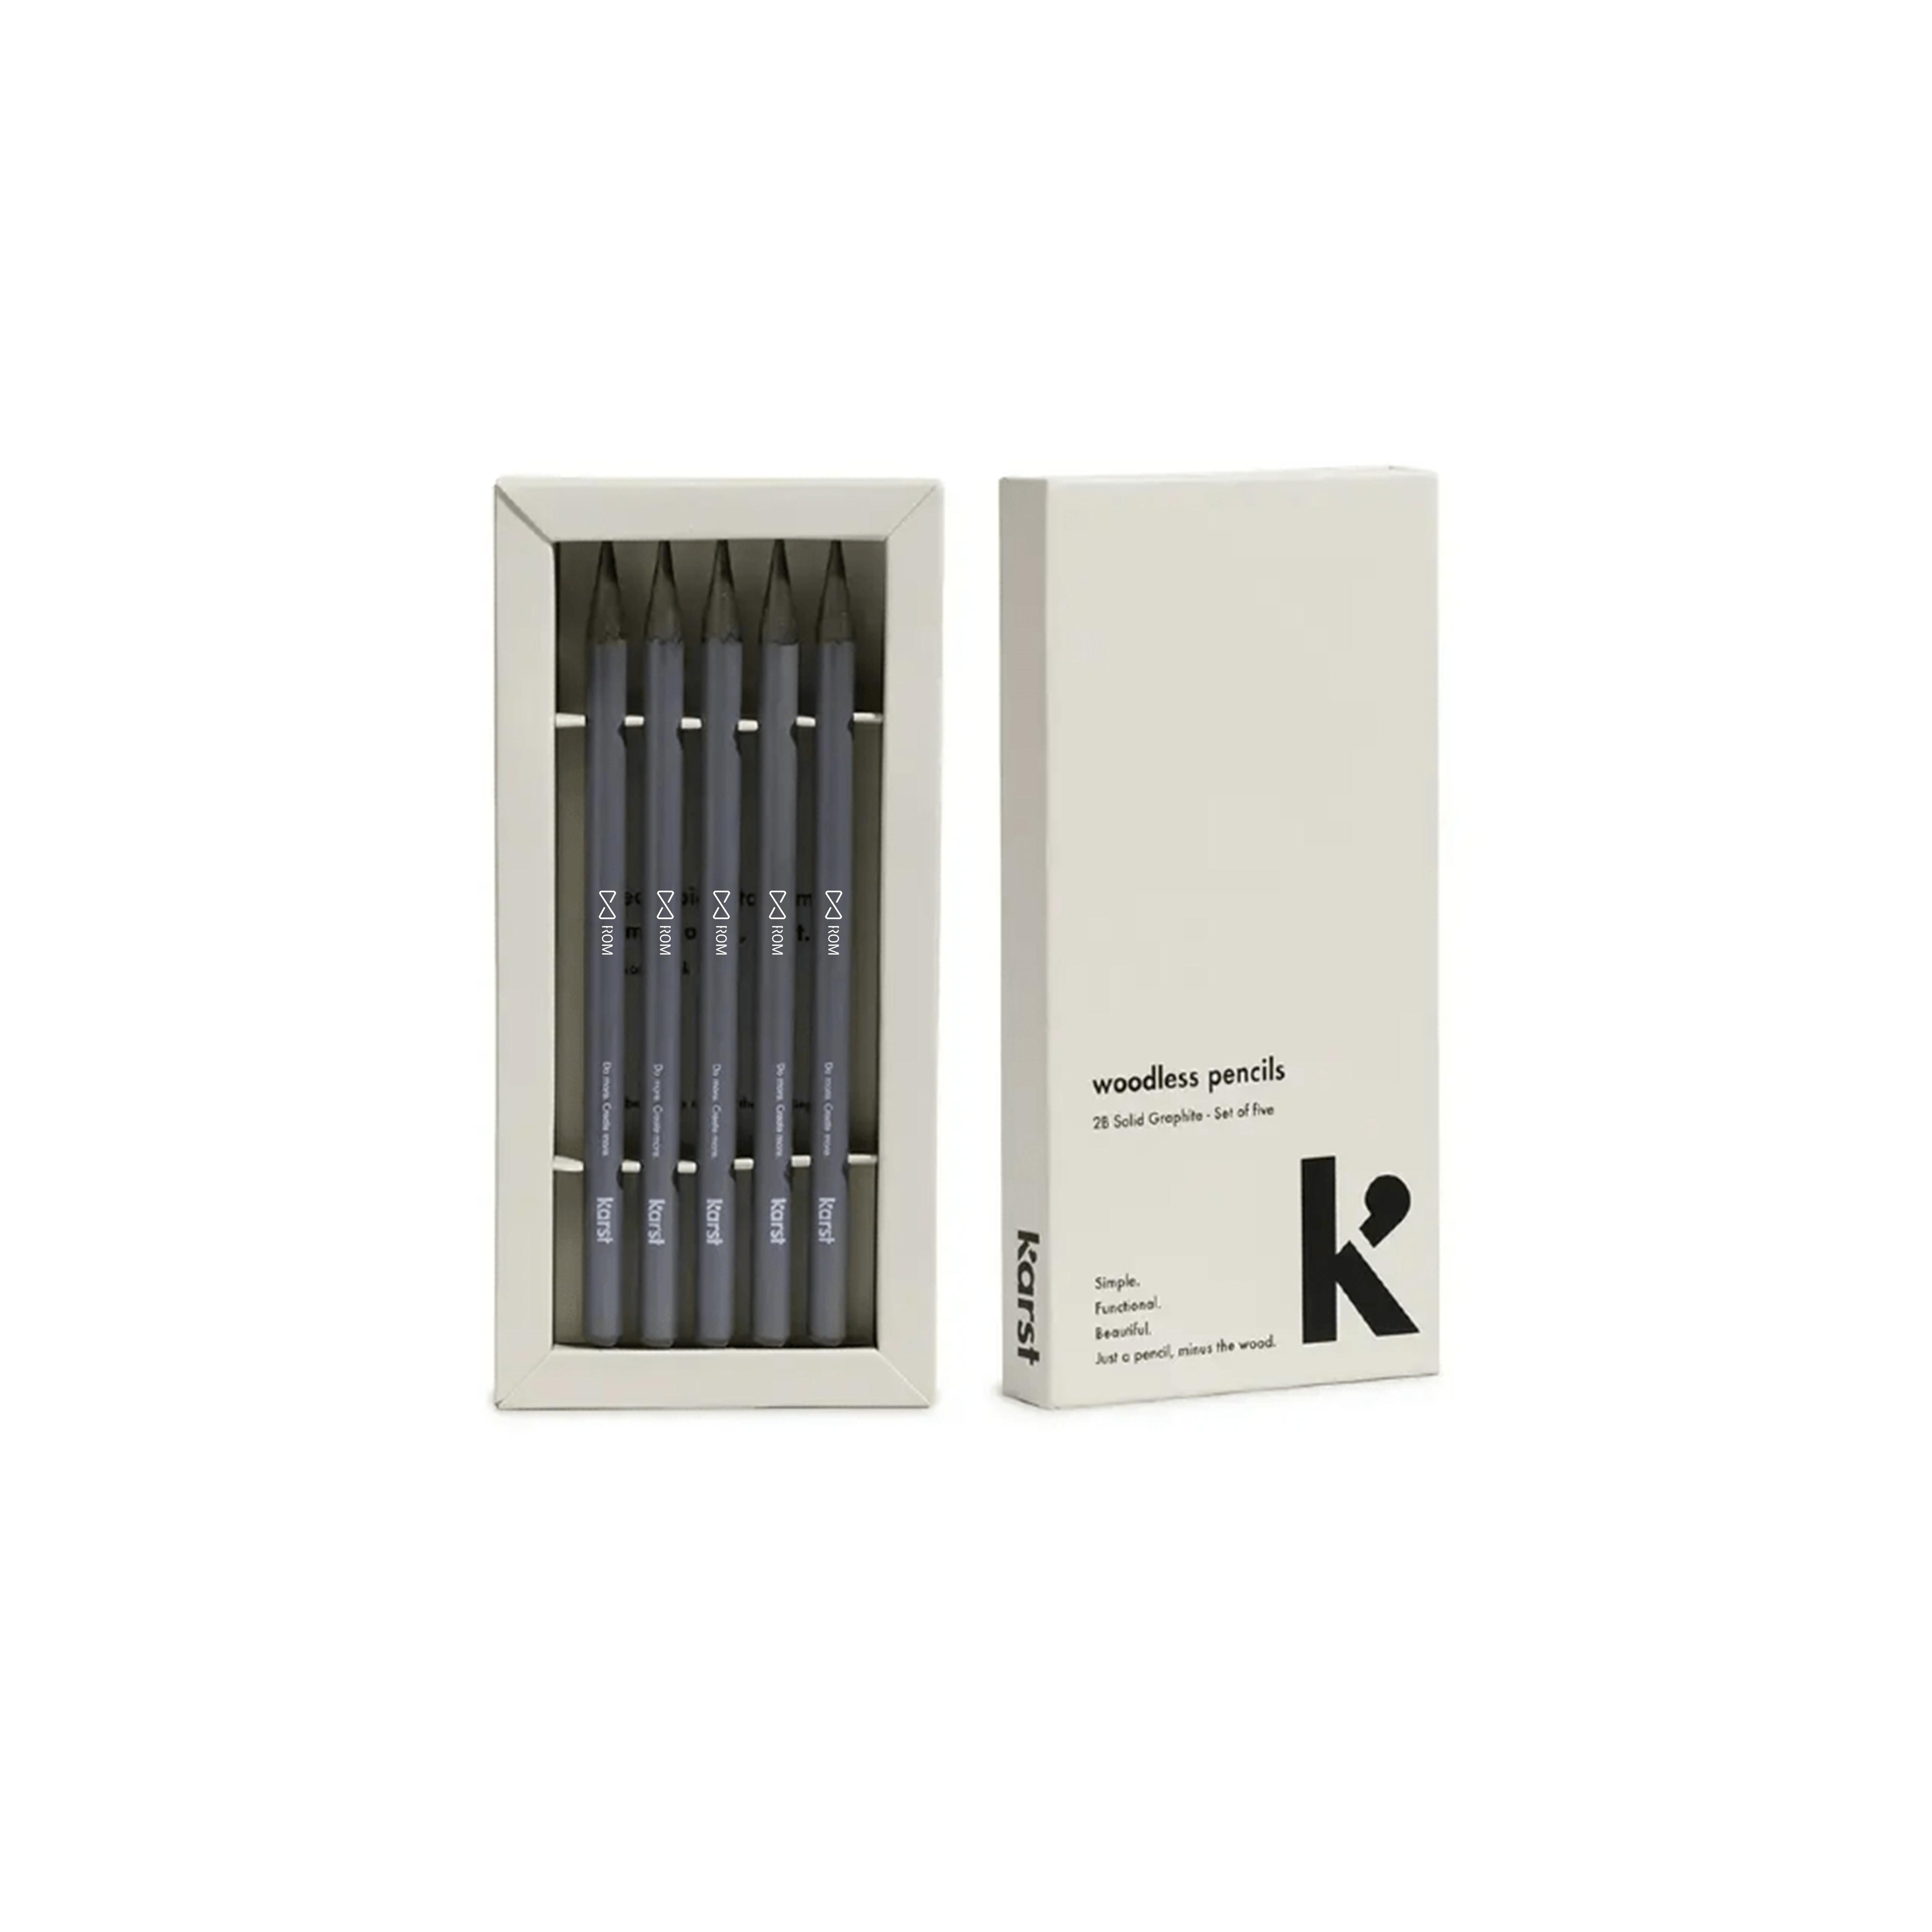 Karst woodless pencils